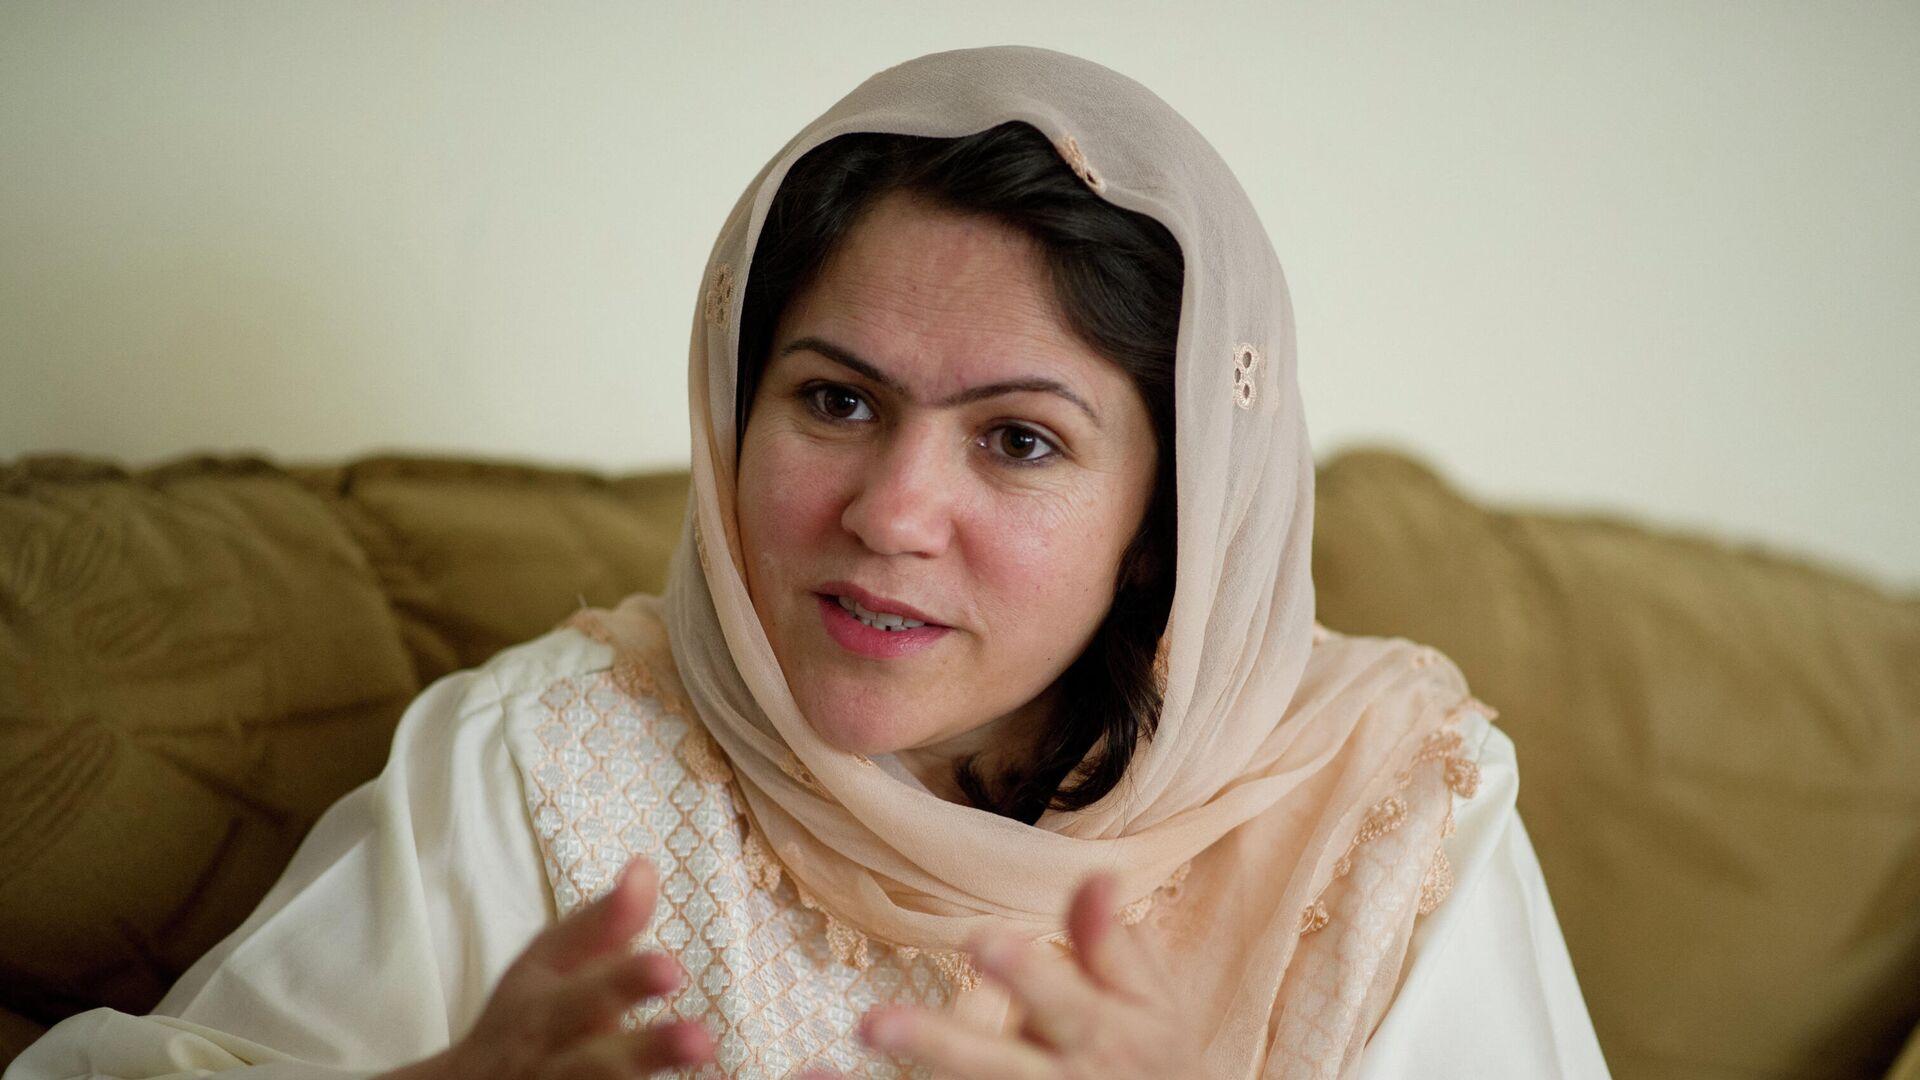 Ведущая защитница прав афганских женщин, писательница, бывший представитель Бадахшана Афганистана в парламенте страны Фавзия Куфи - Sputnik Тоҷикистон, 1920, 08.10.2021